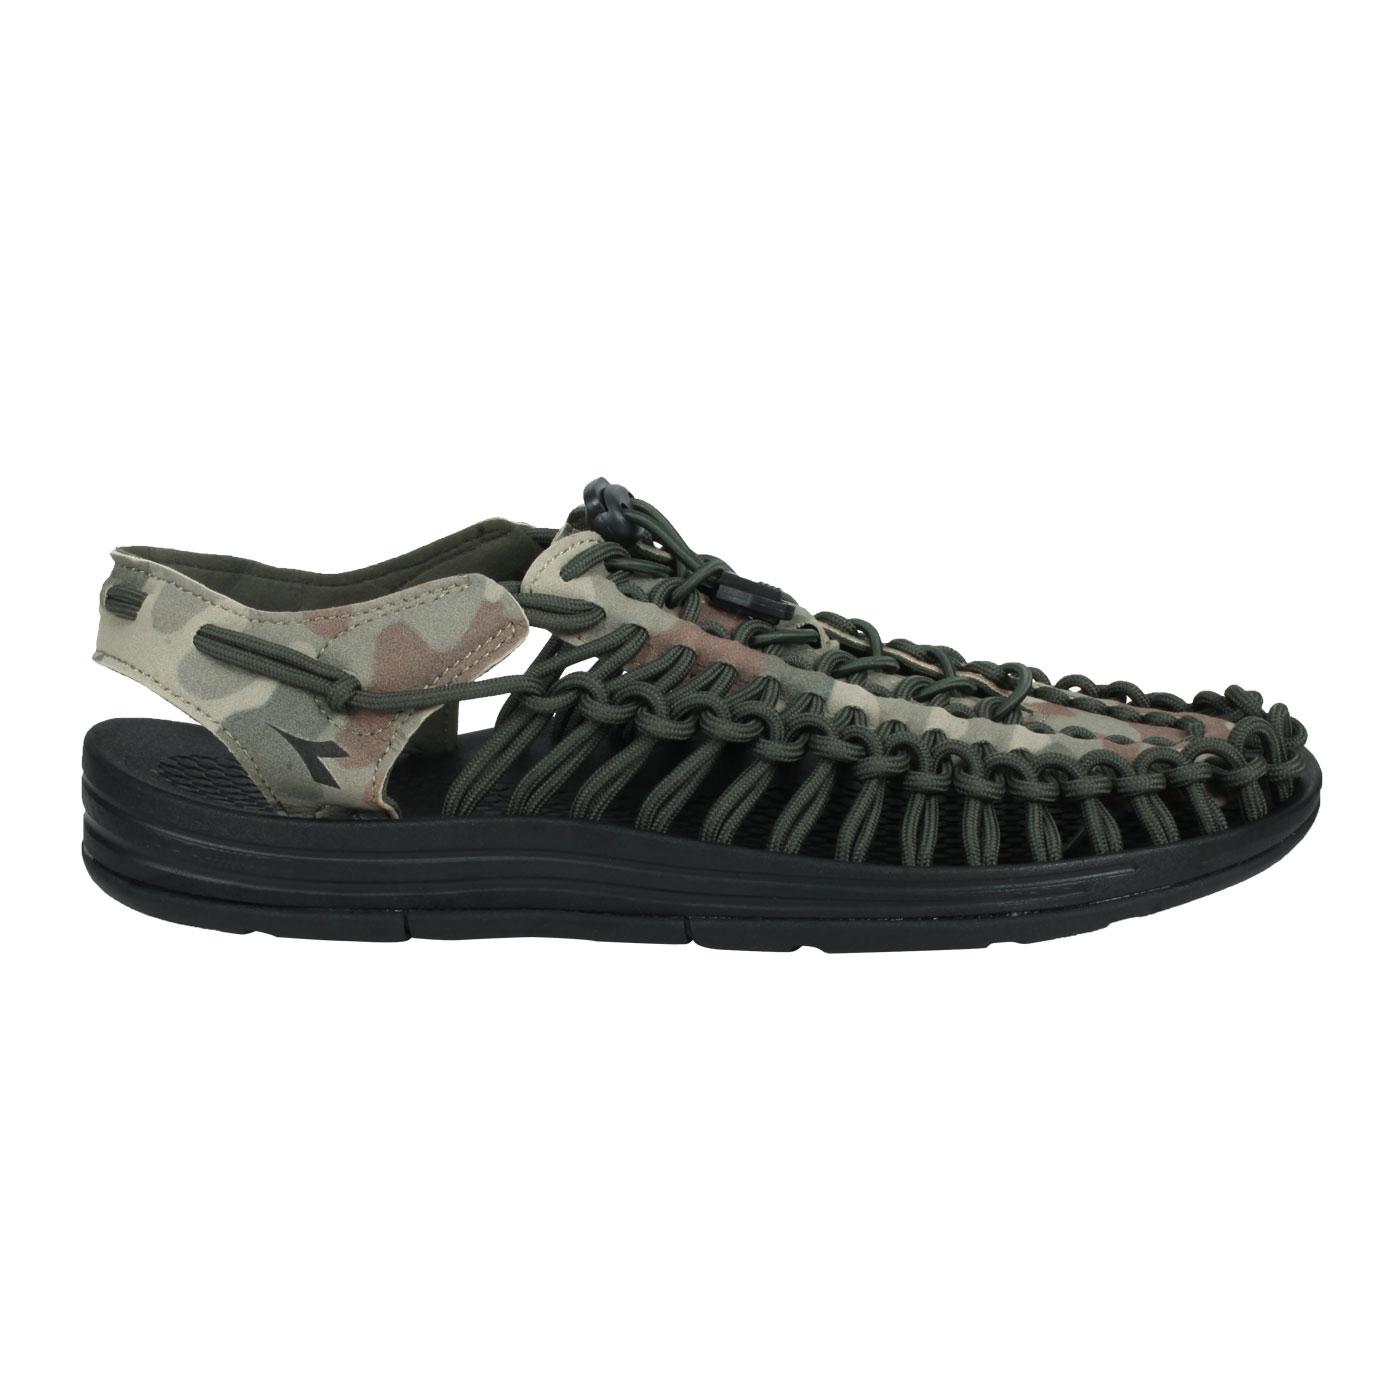 DIADORA 男款編織涼鞋 DA71205 - 黑迷彩綠